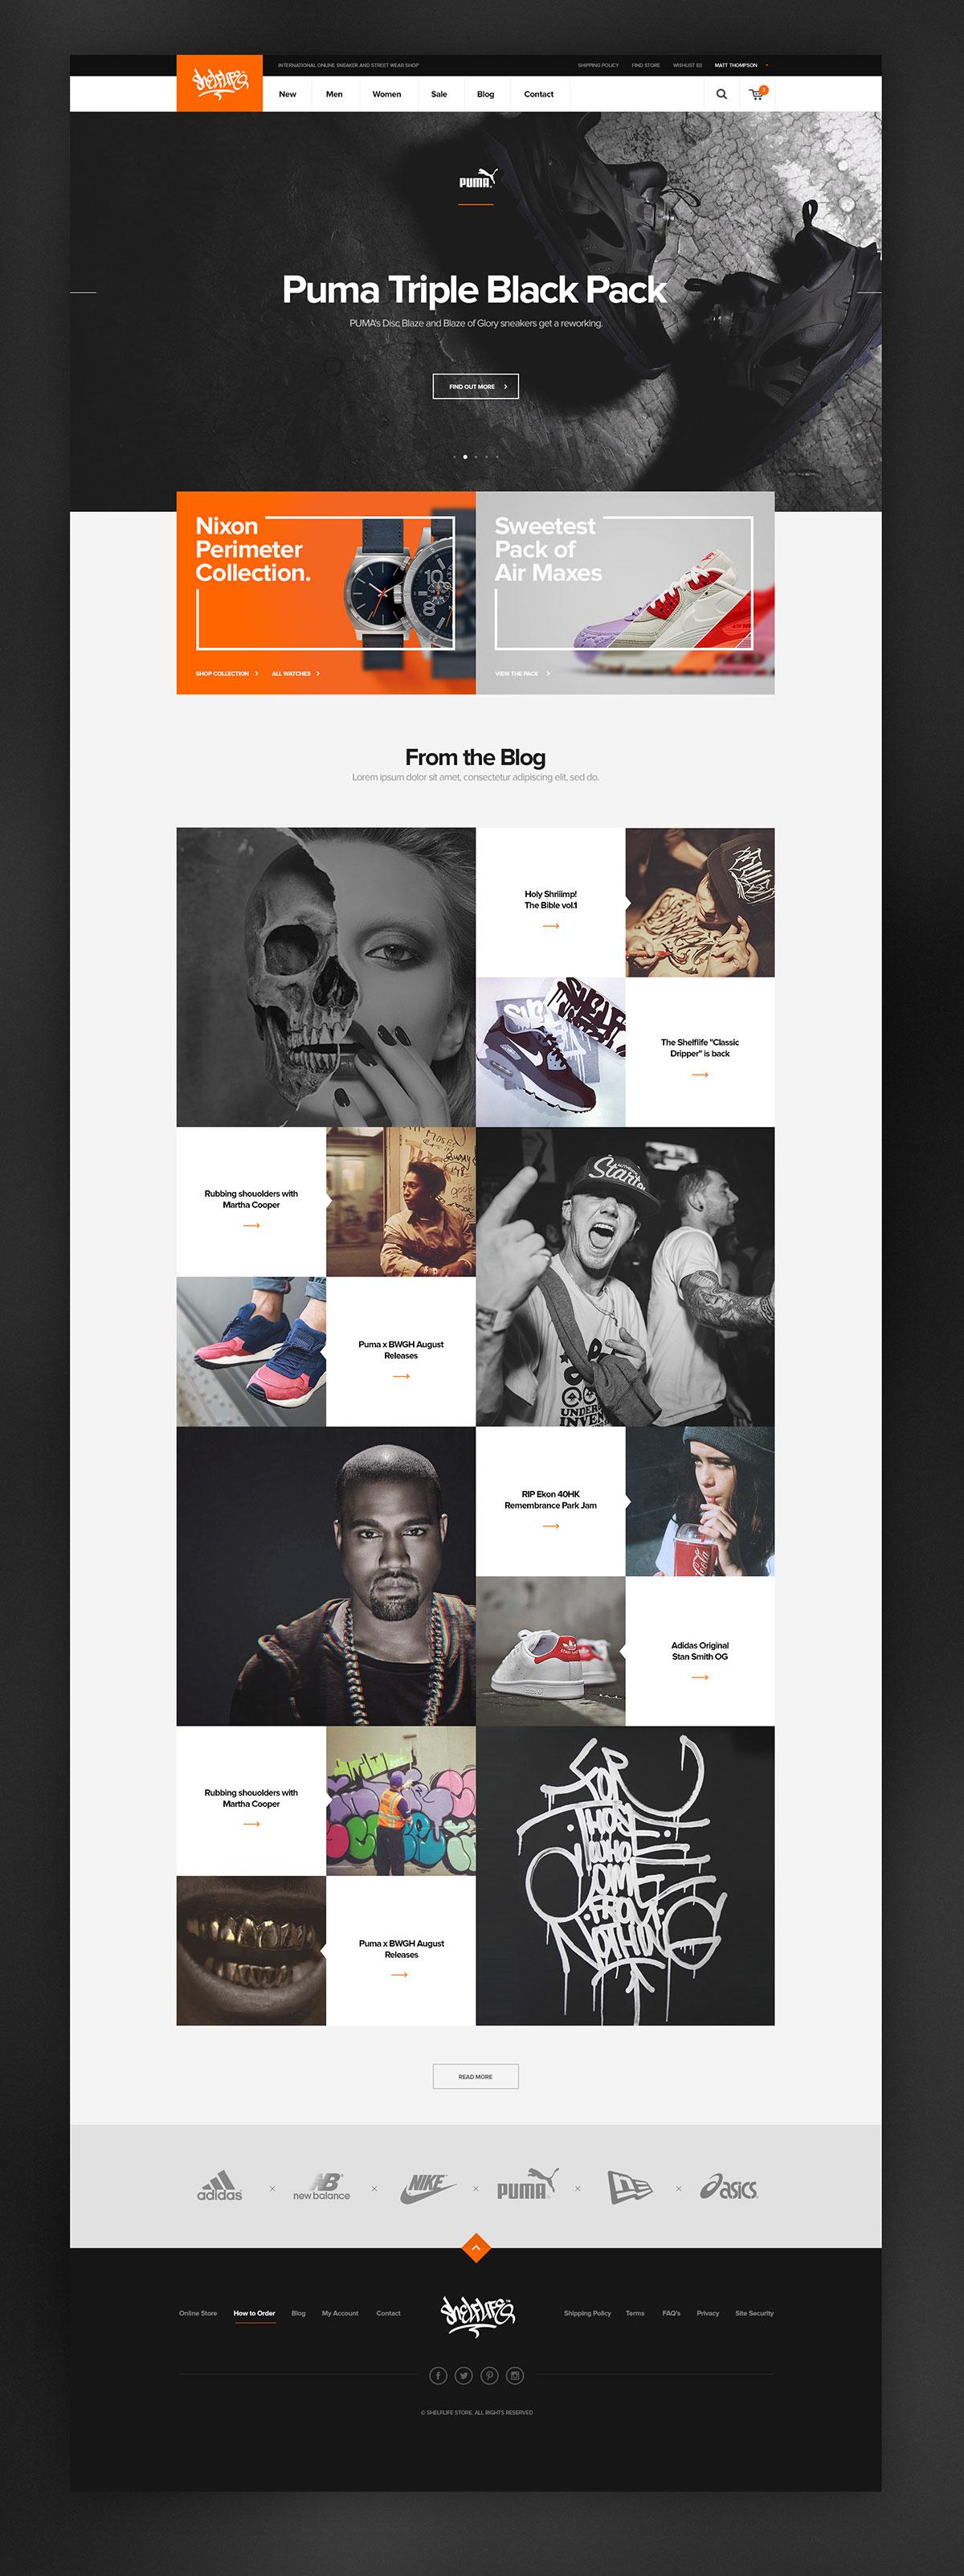 12个视觉效果出众的概念网页设计